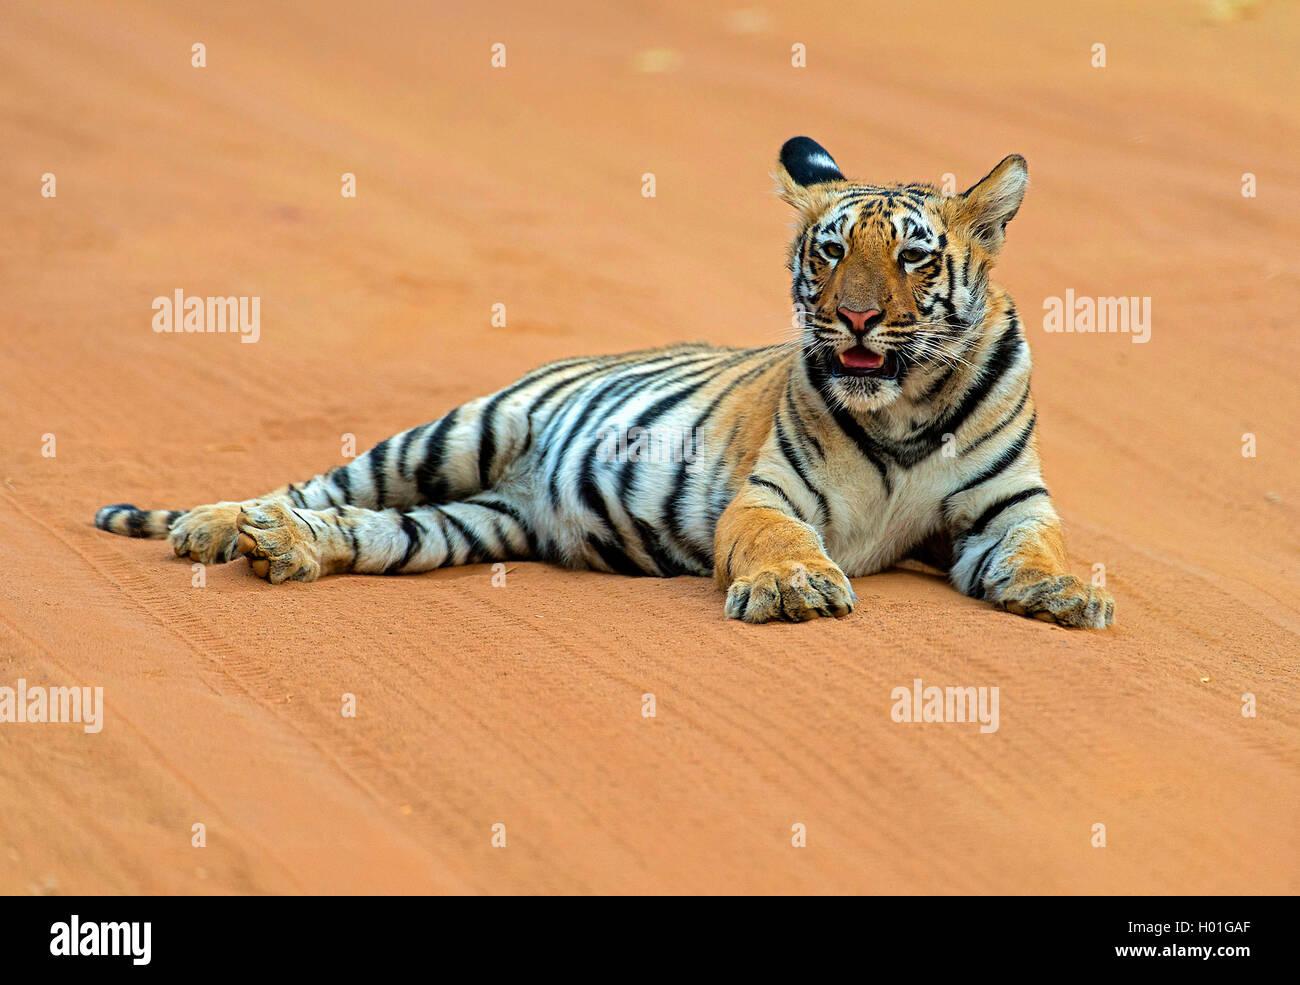 Koenigstiger, Indischer Tiger (Panthera Tigris Tigris), Bengaltiger Sechs Monate ändern Bengaltiger, Indien, Stockbild